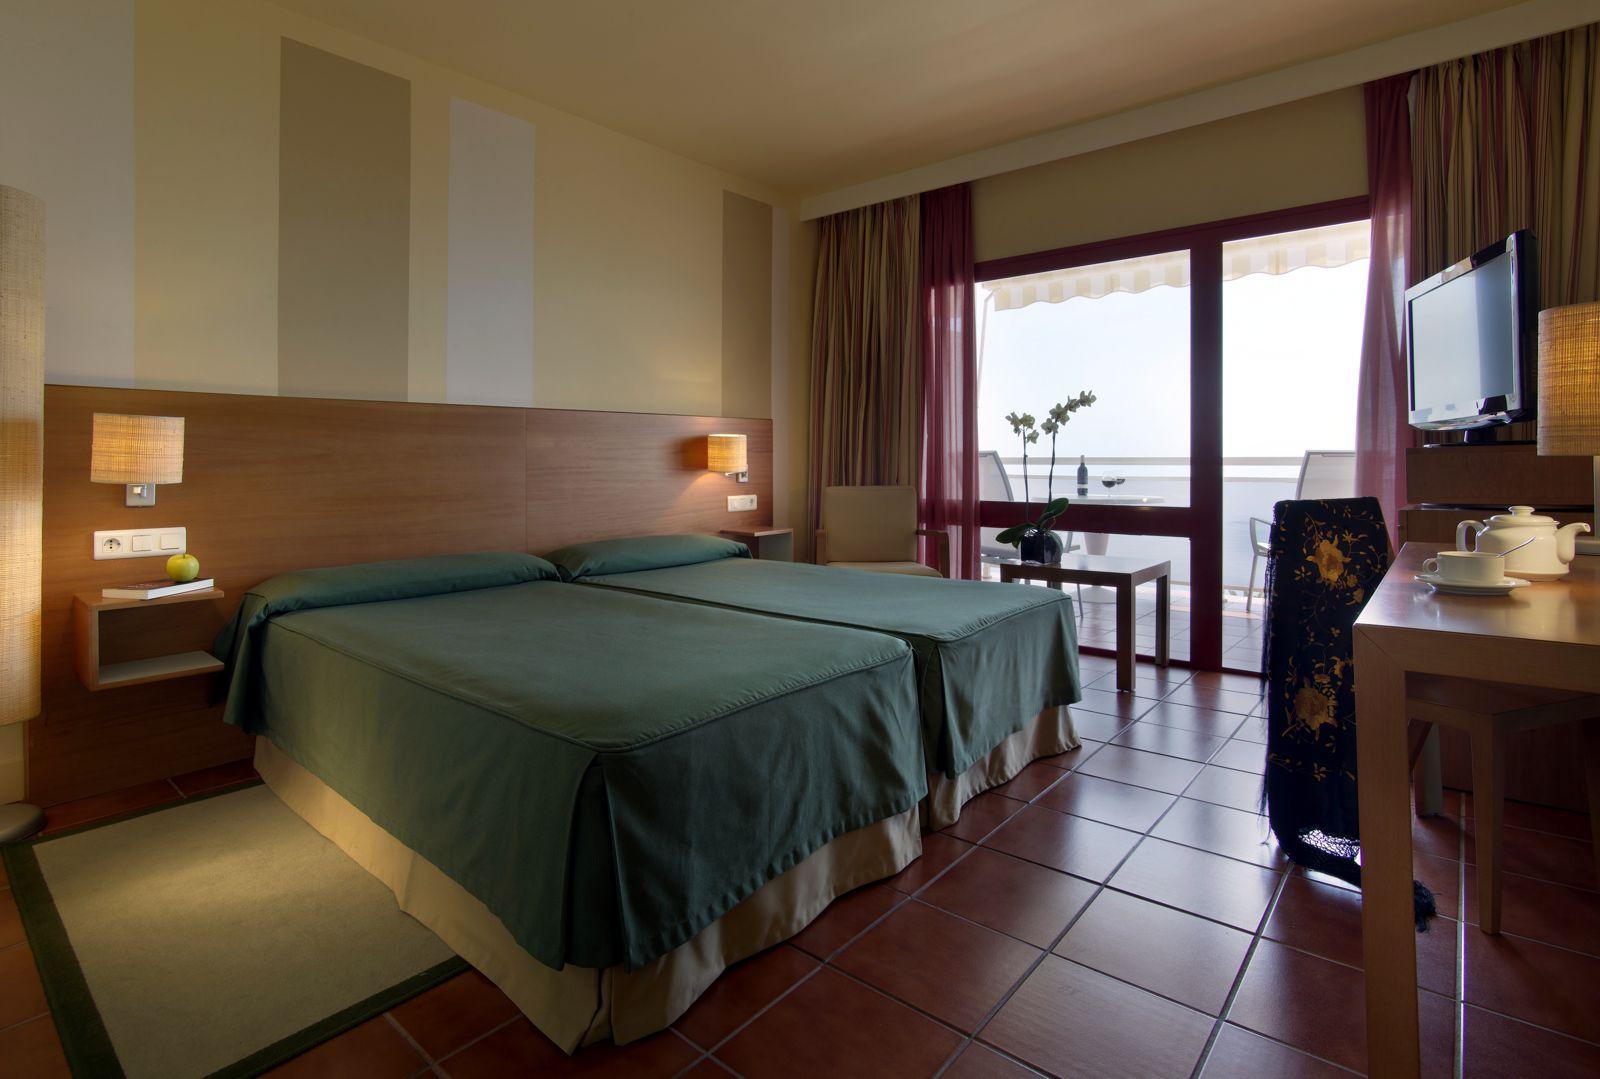 Paradores spanien hotel parador de nerja nerja for Habitaciones familiares paradores